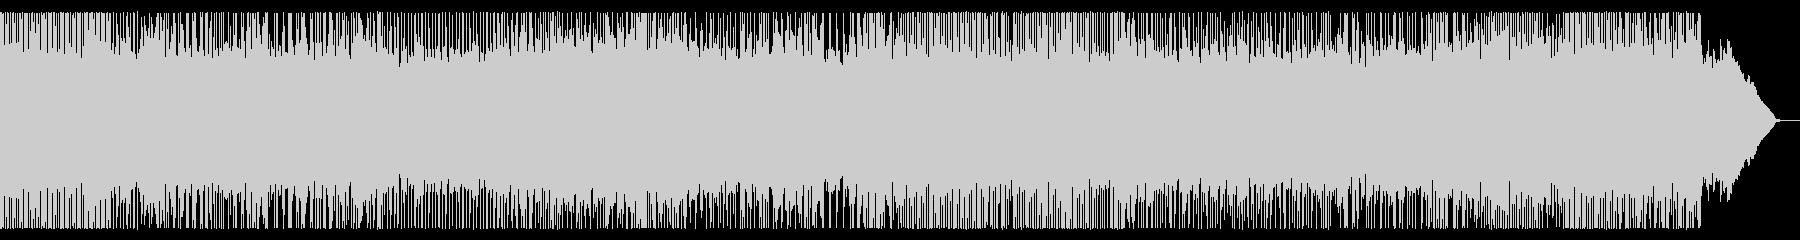 攻撃的な全編速弾きスピードメタルチューンの未再生の波形